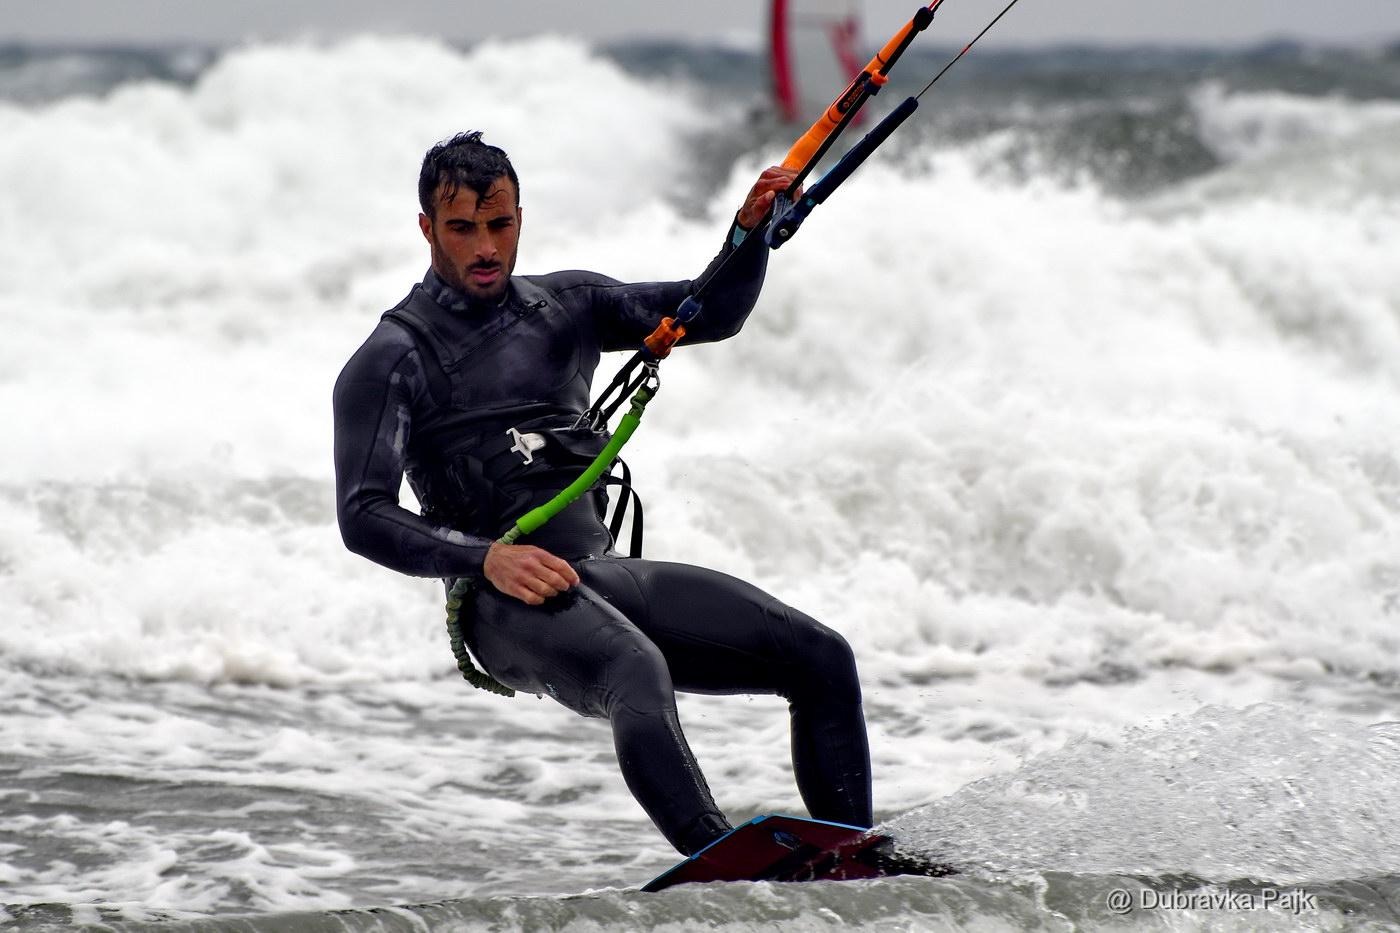 SURF CHIA, SARDEGNA